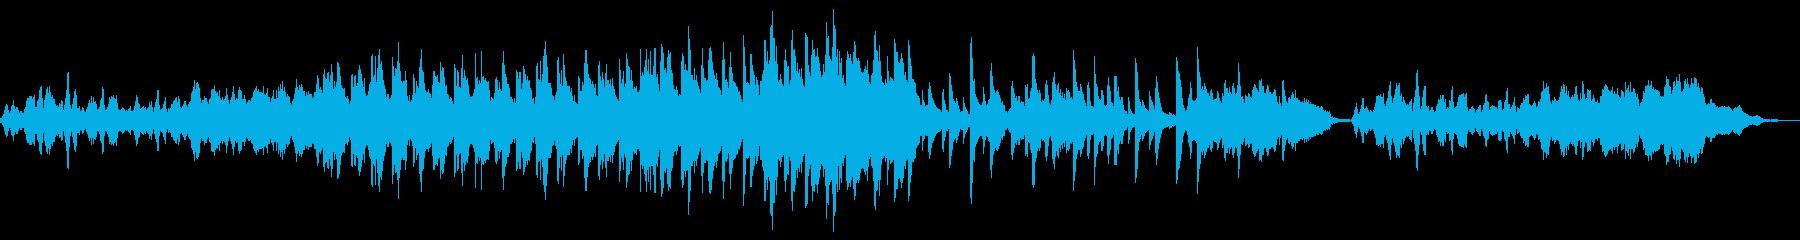 薄暗い雰囲気のBGMの再生済みの波形